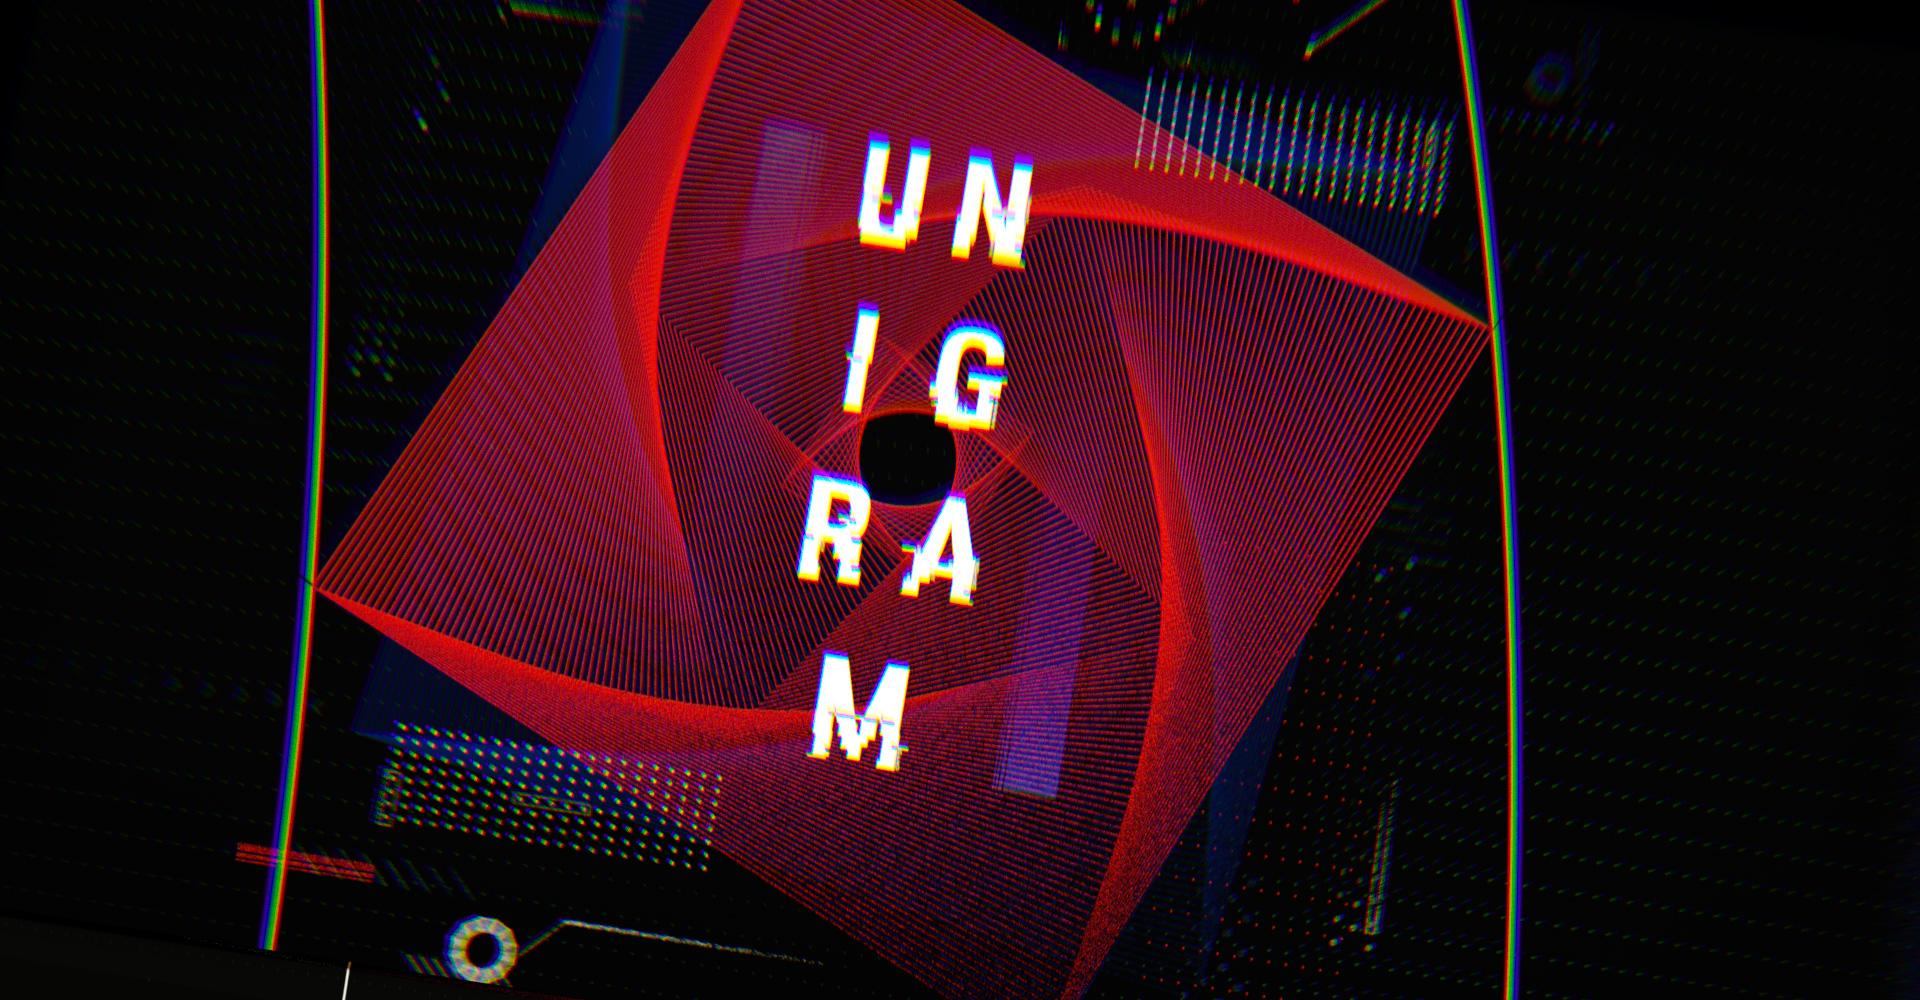 unigram-6-1